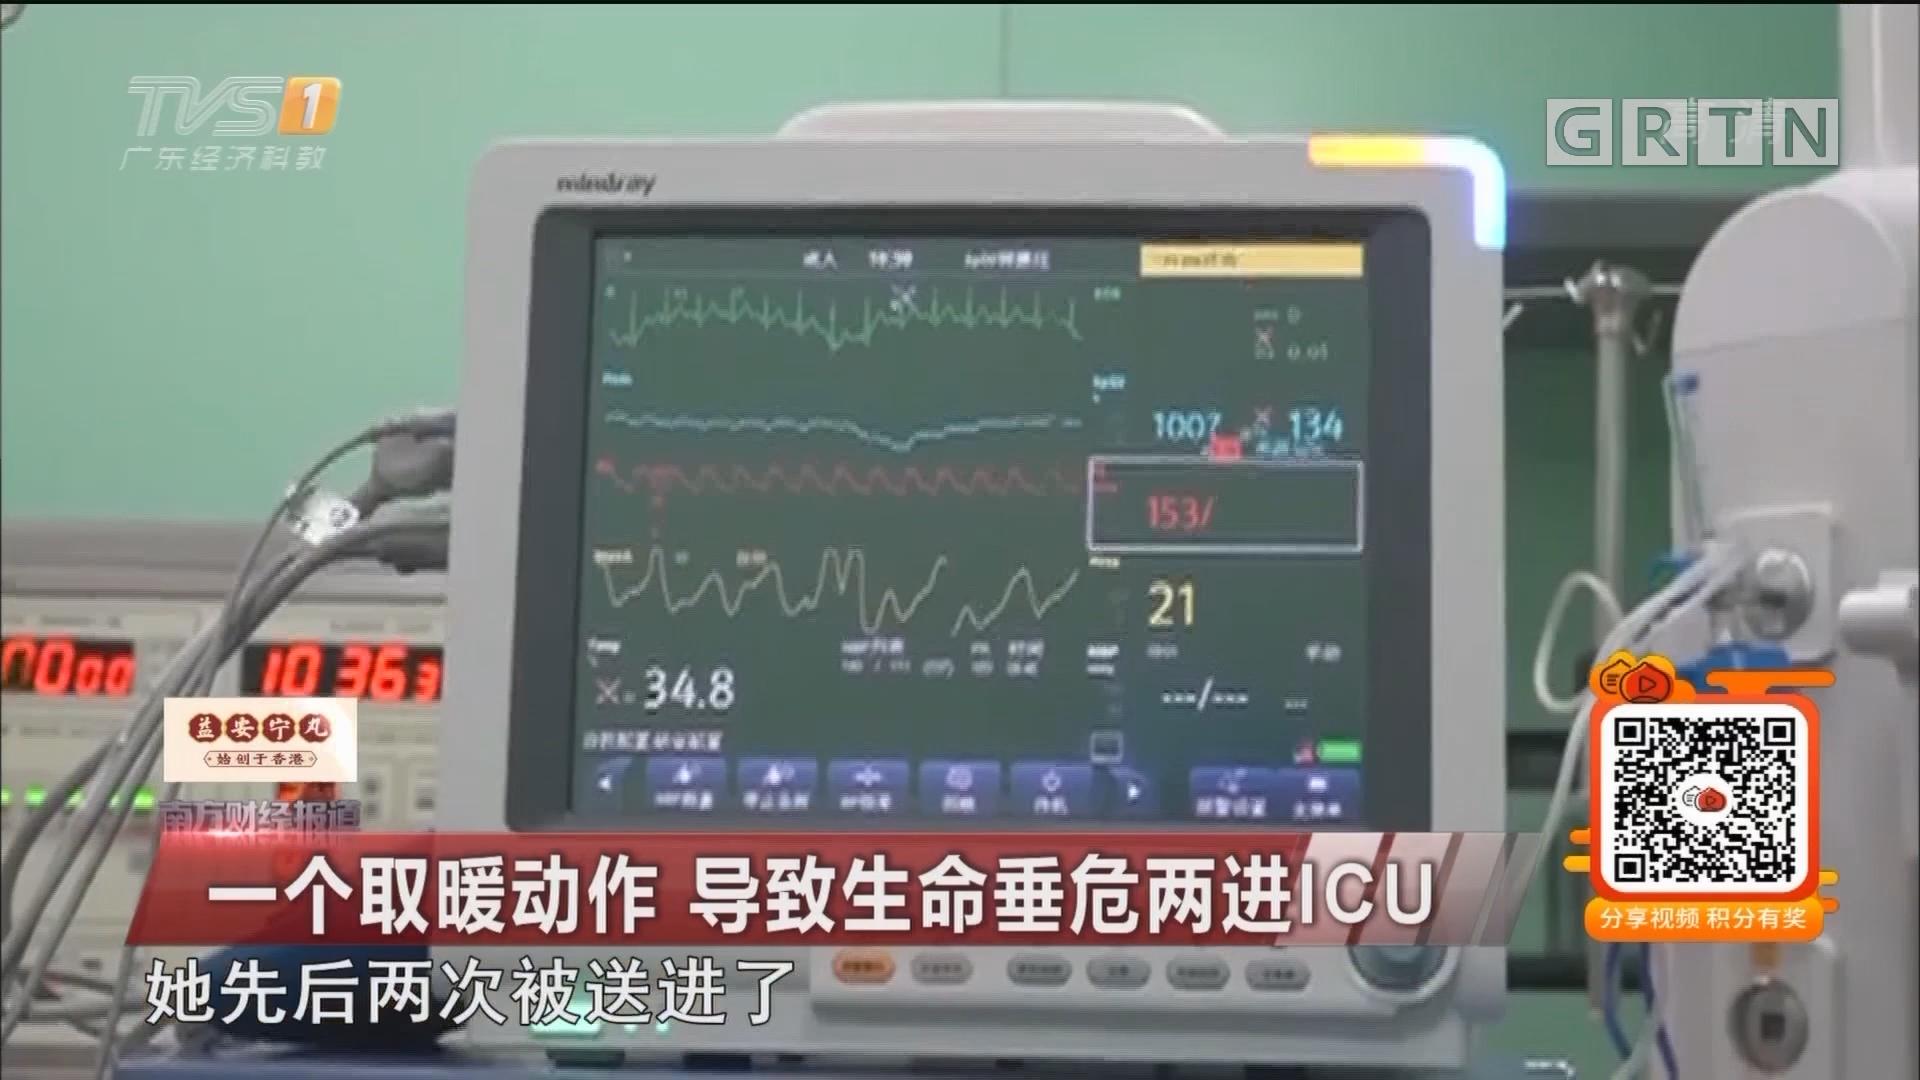 一个取暖动作 导致生命垂危两进ICU